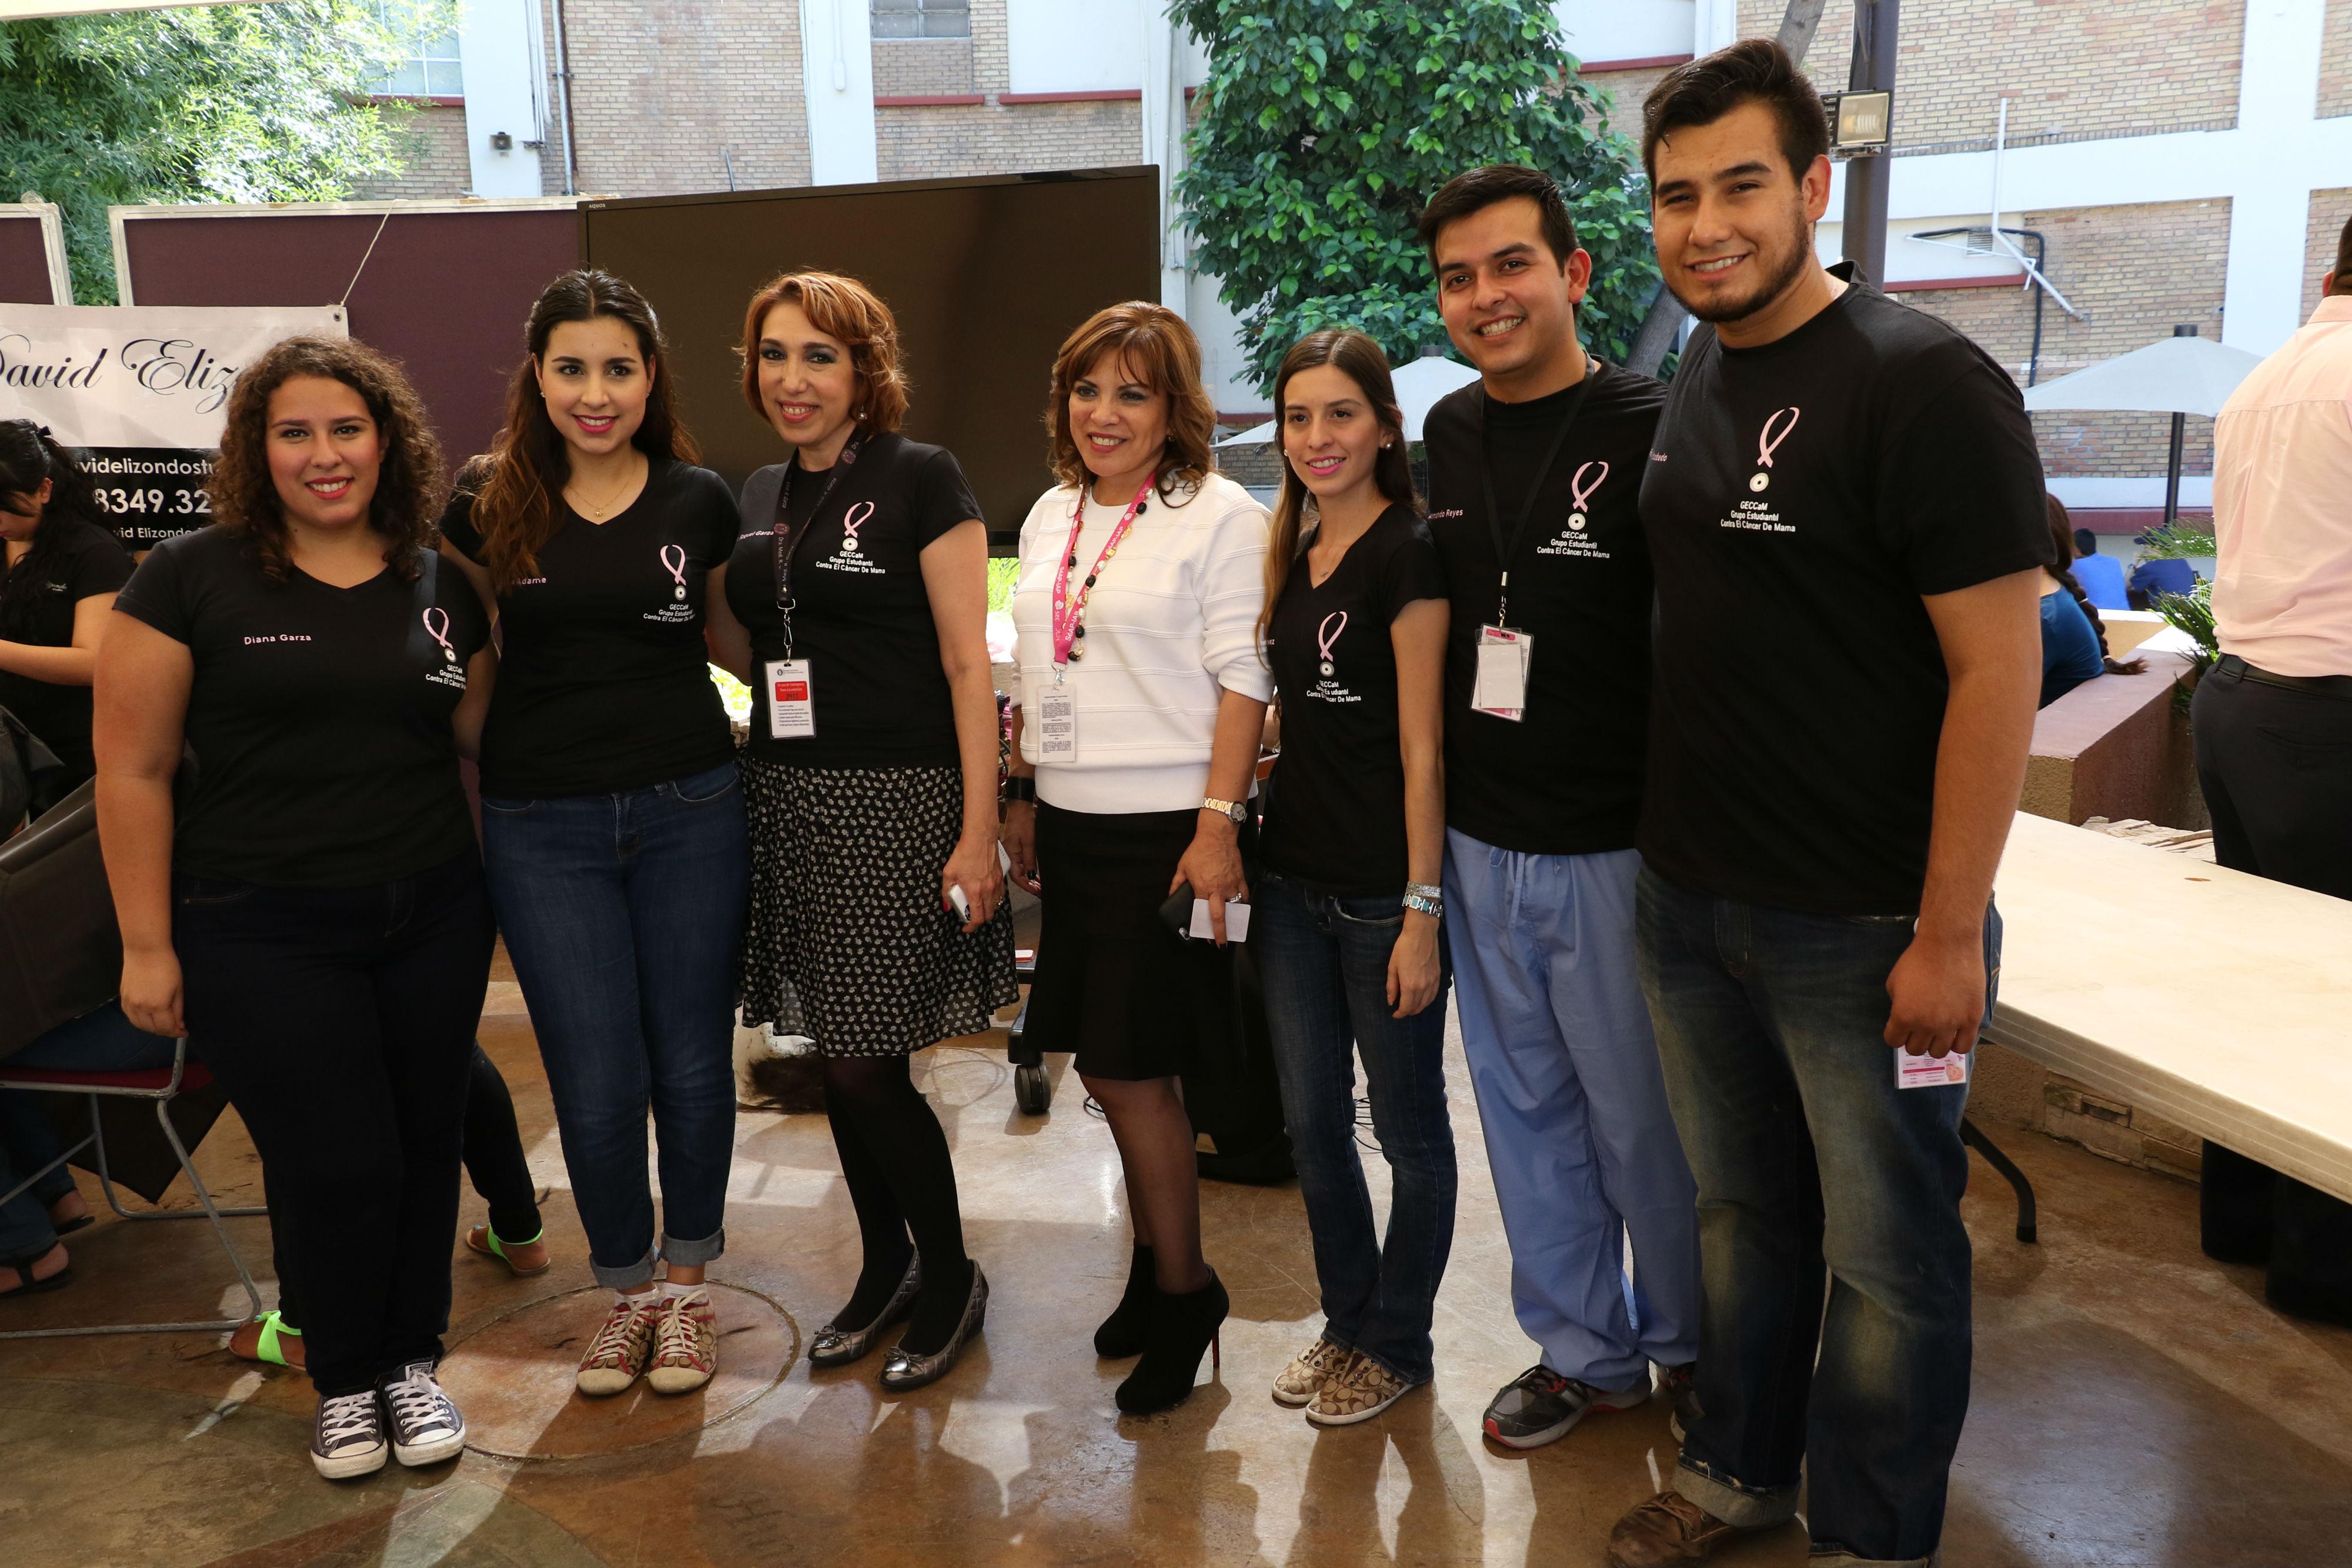 Organizadores del evento, junto a la Dra. Raquel Garza y Dra. Oralia Barboza